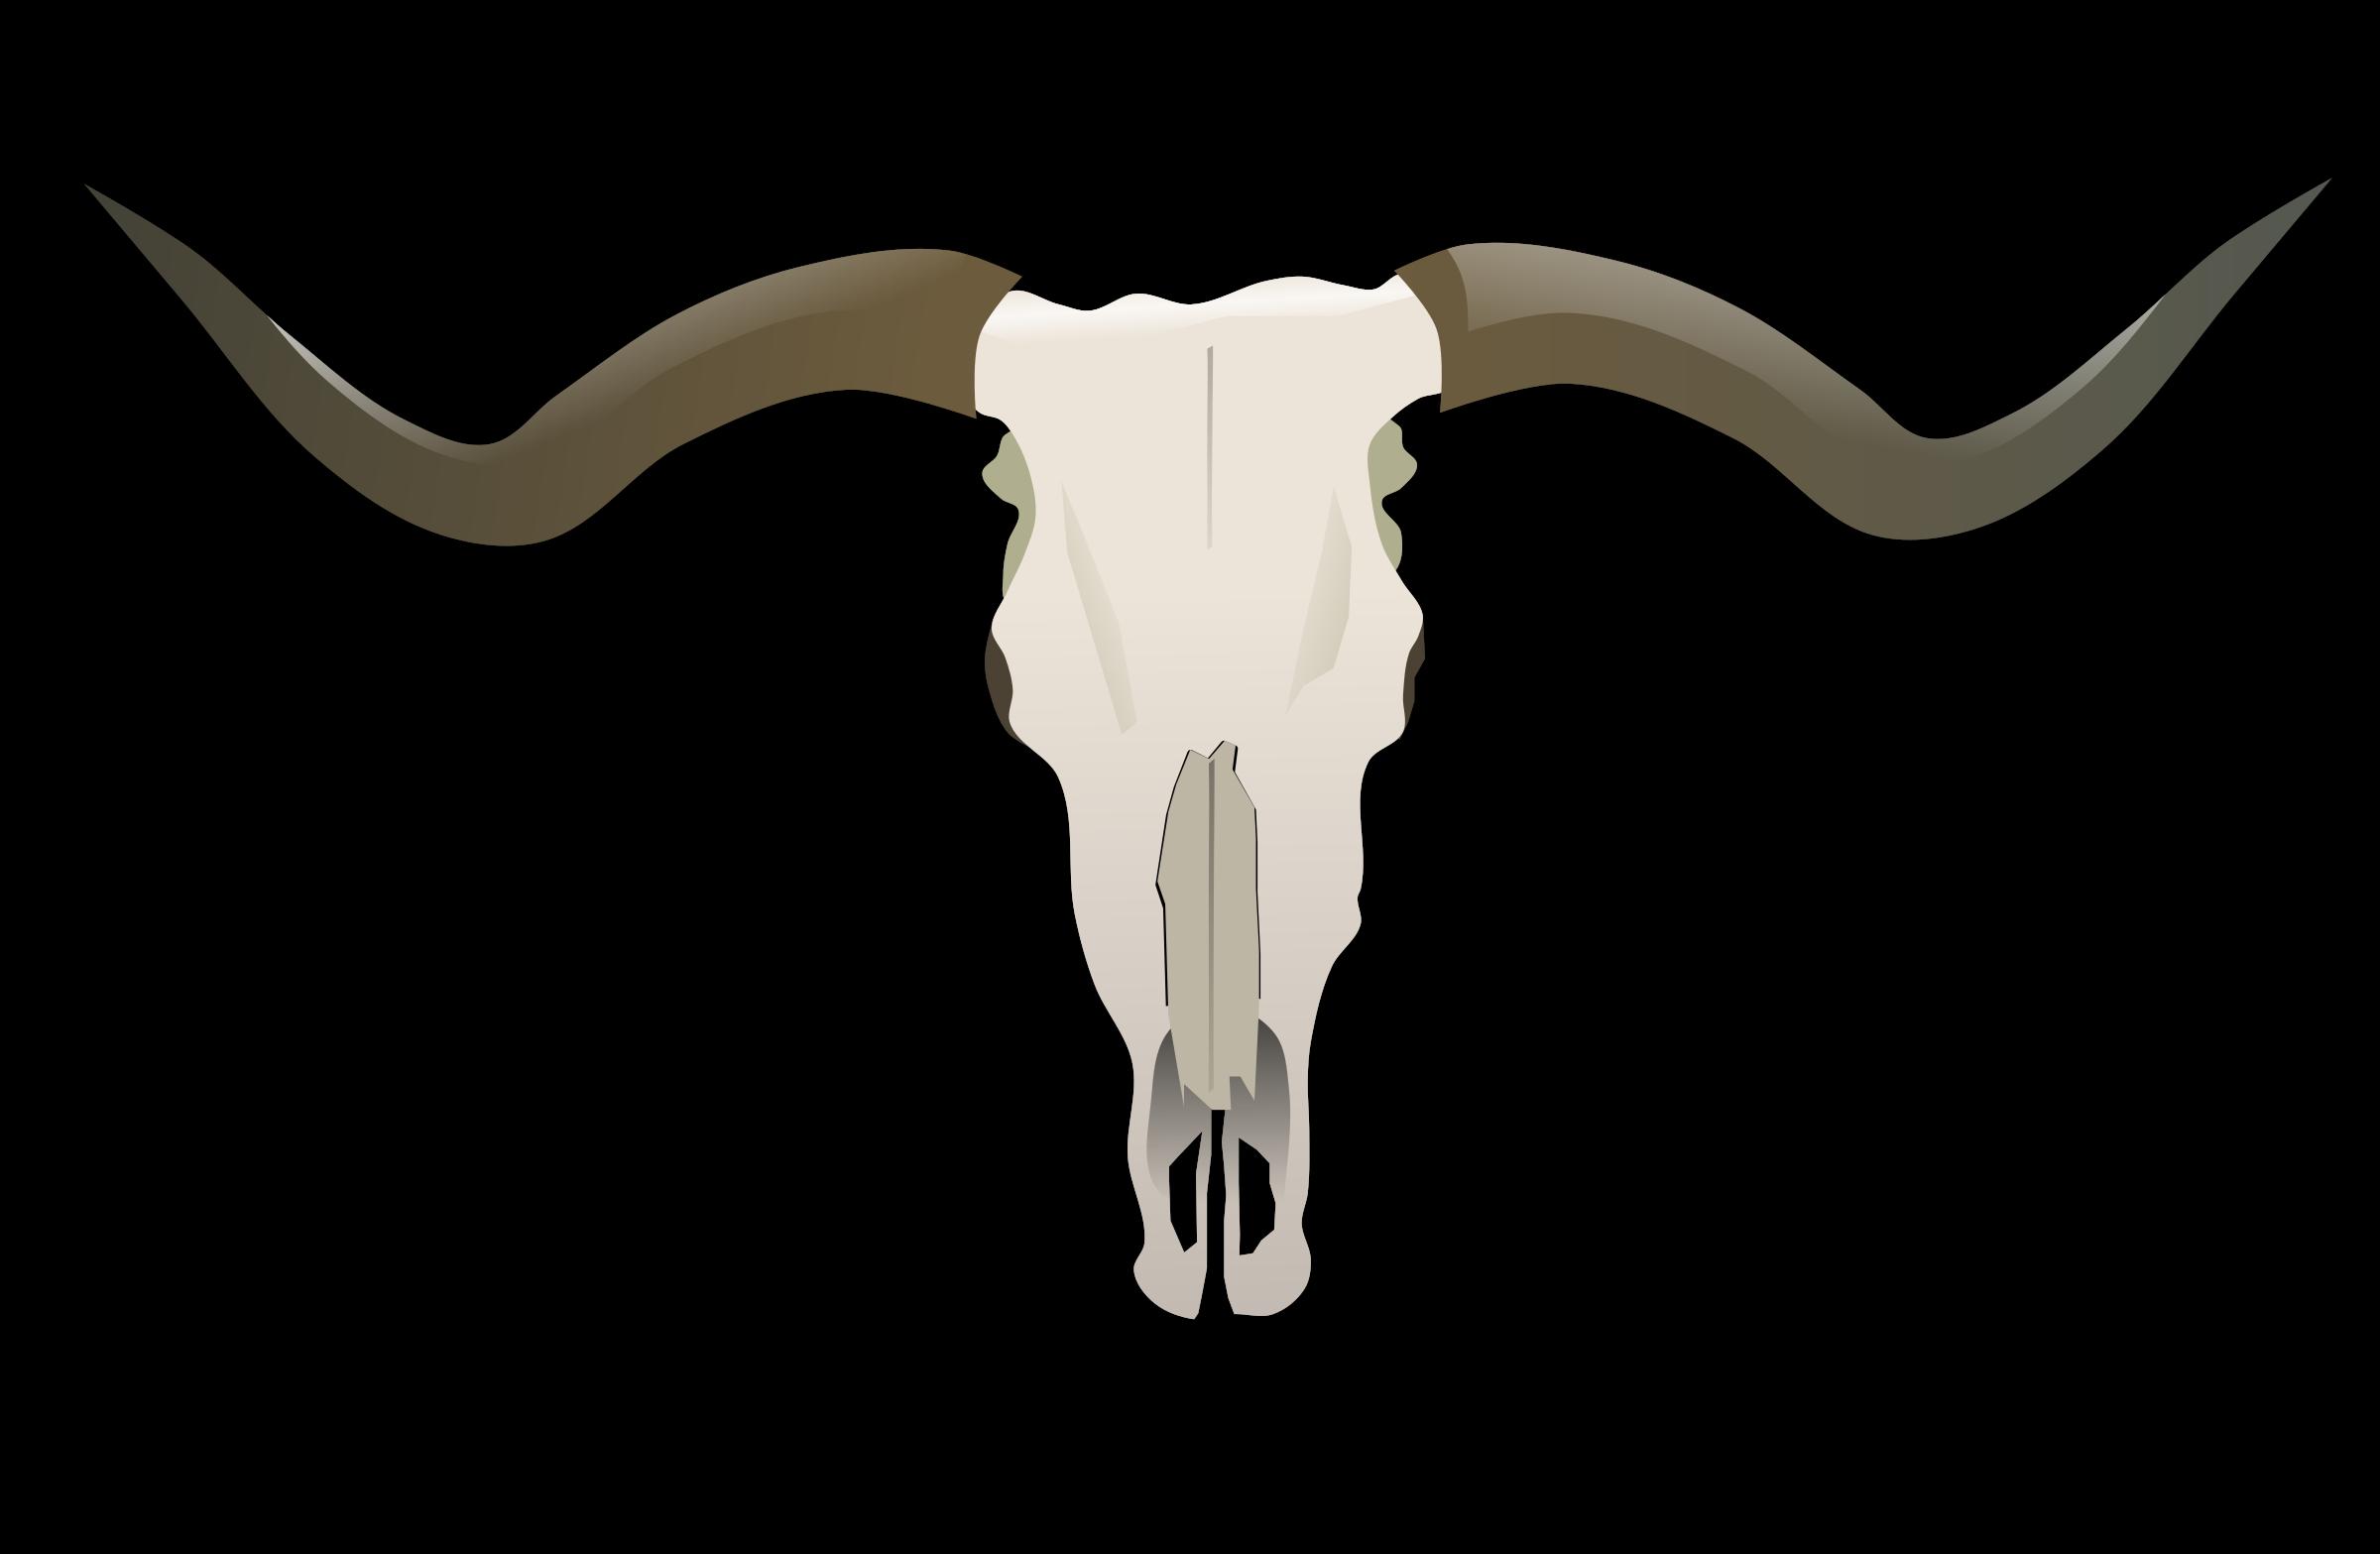 Skull big image png. Longhorn clipart emblem